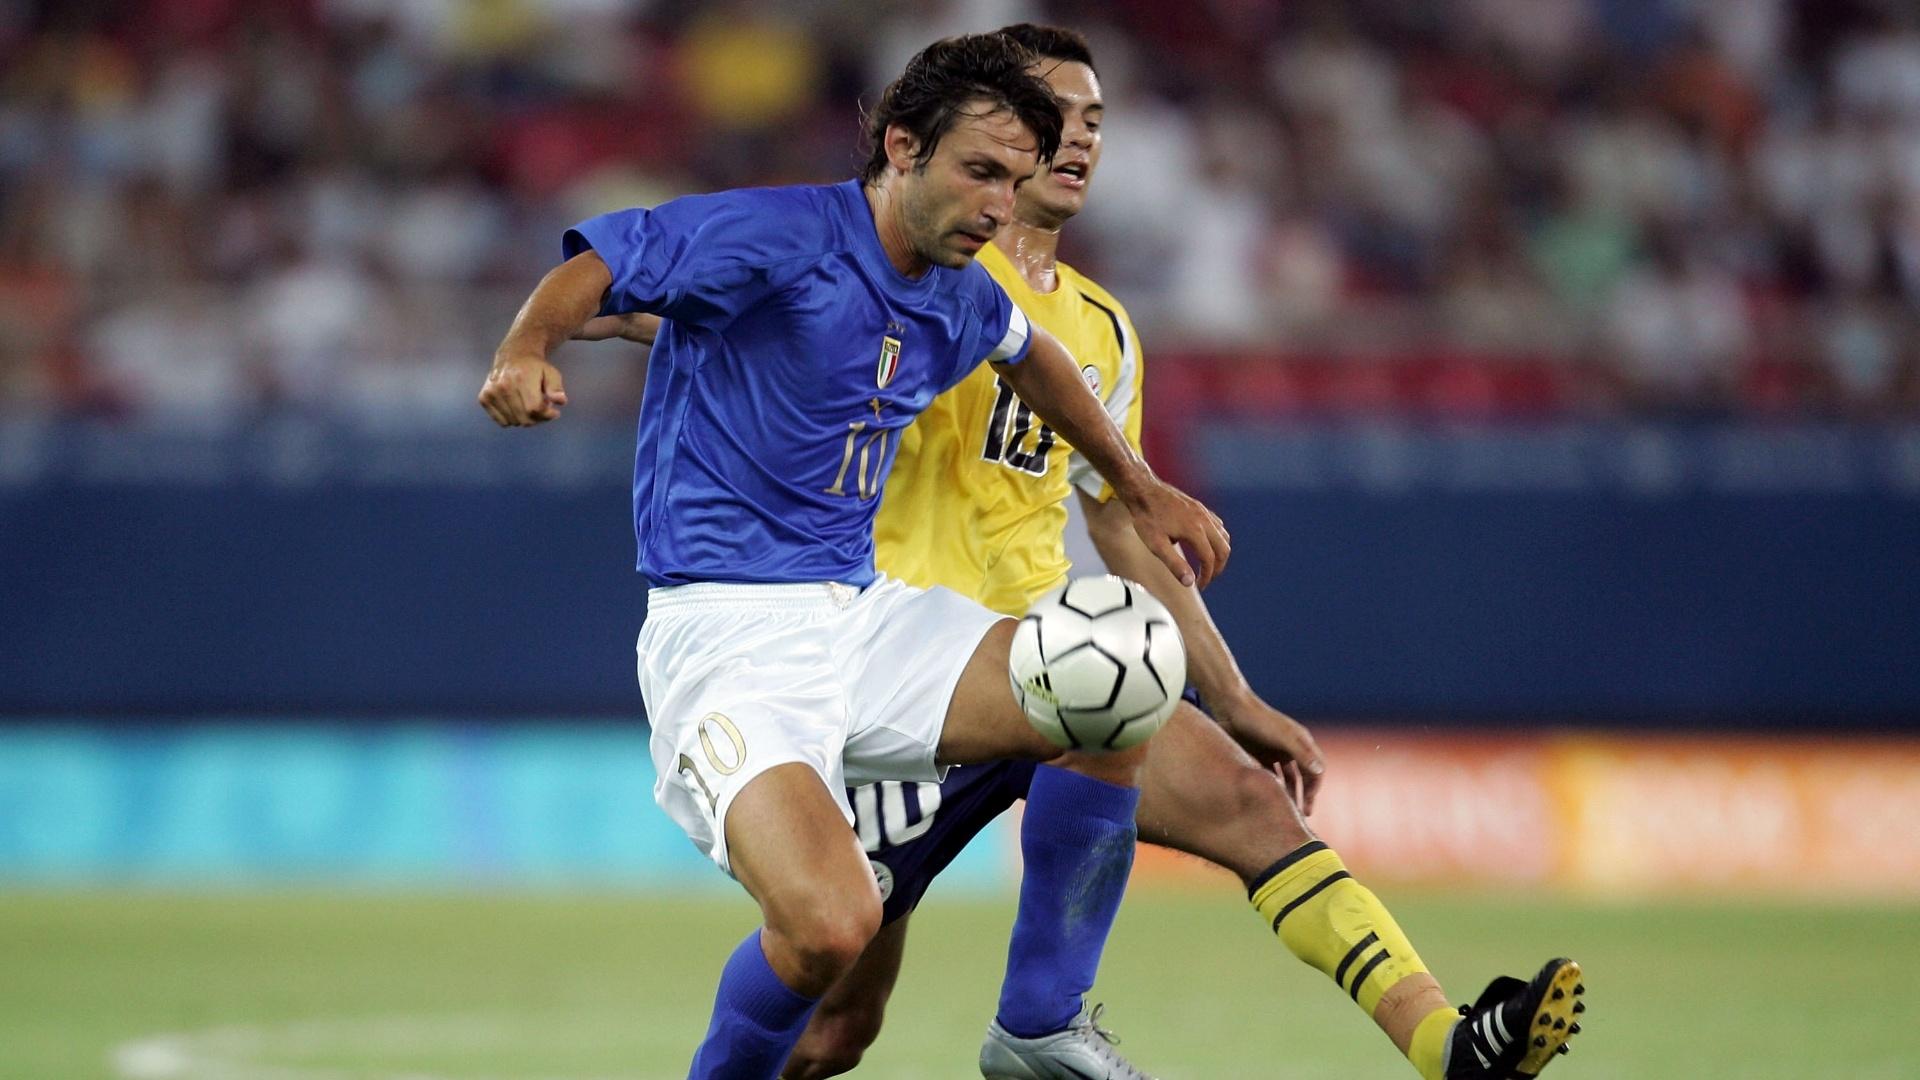 Andrea Pirlo, meia da Itália, domina a bola durante uma partida da disputa do futebol masculino nos Jogos de Atenas, em 2004